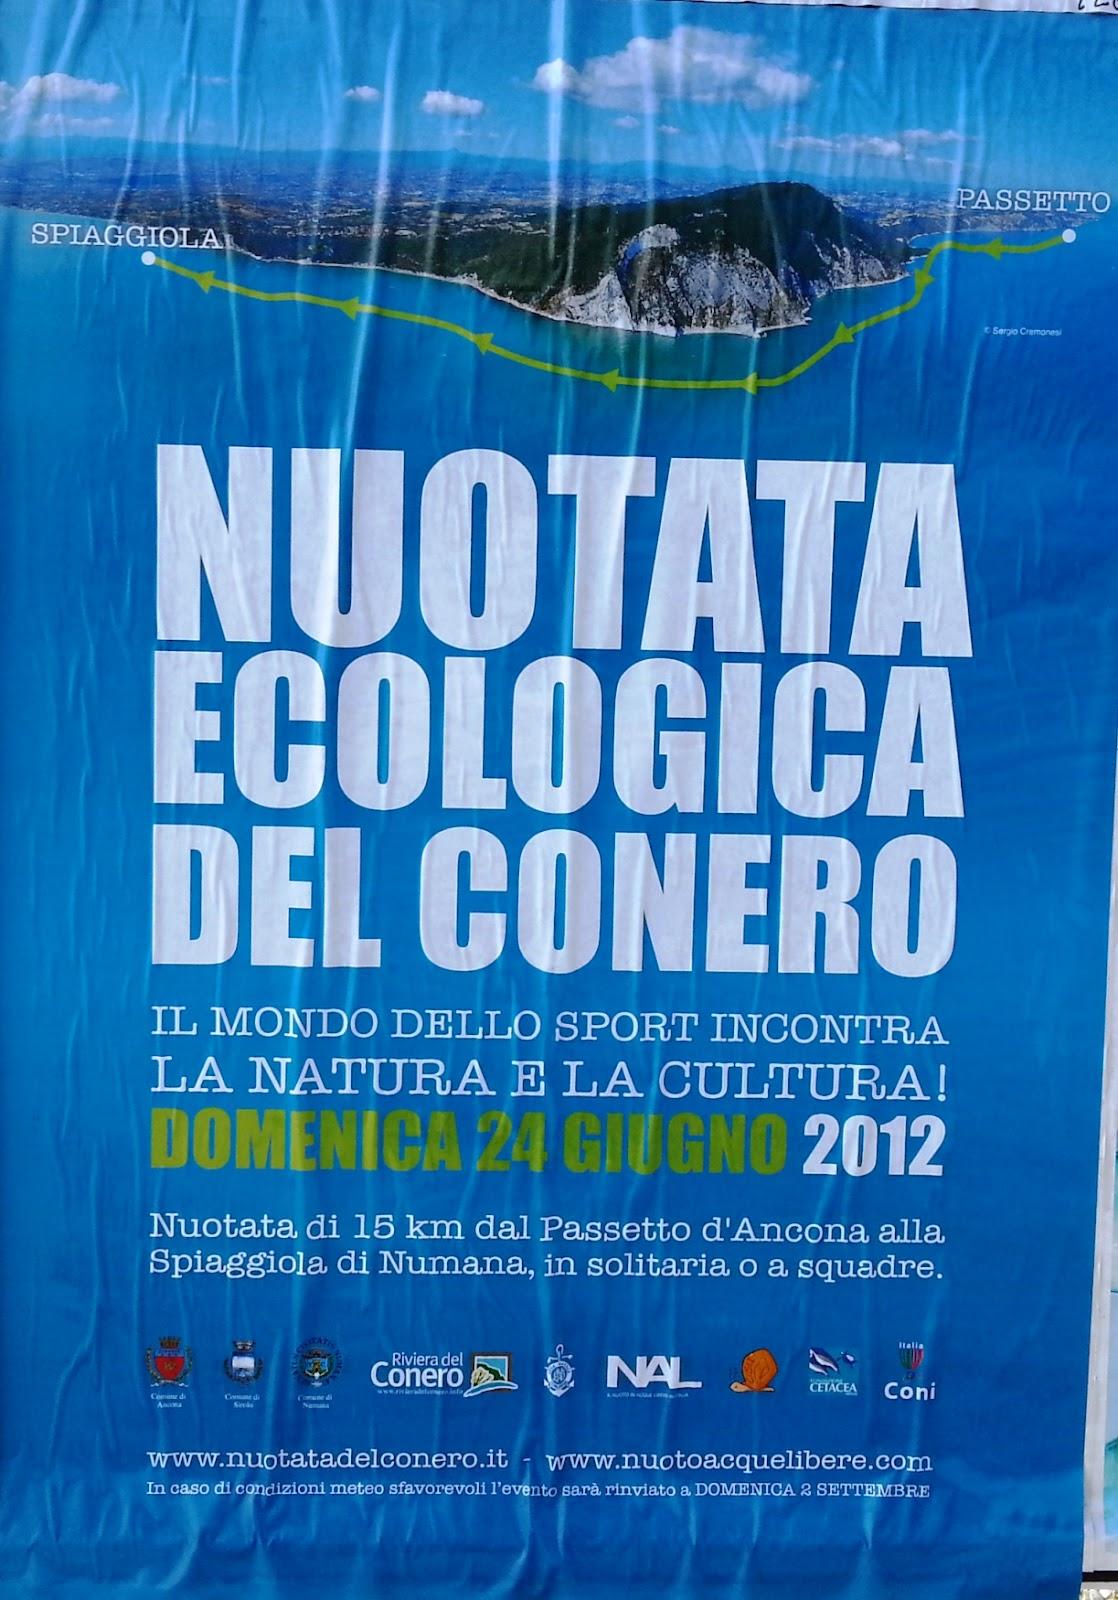 Nuotata ecologica del Conero 2012